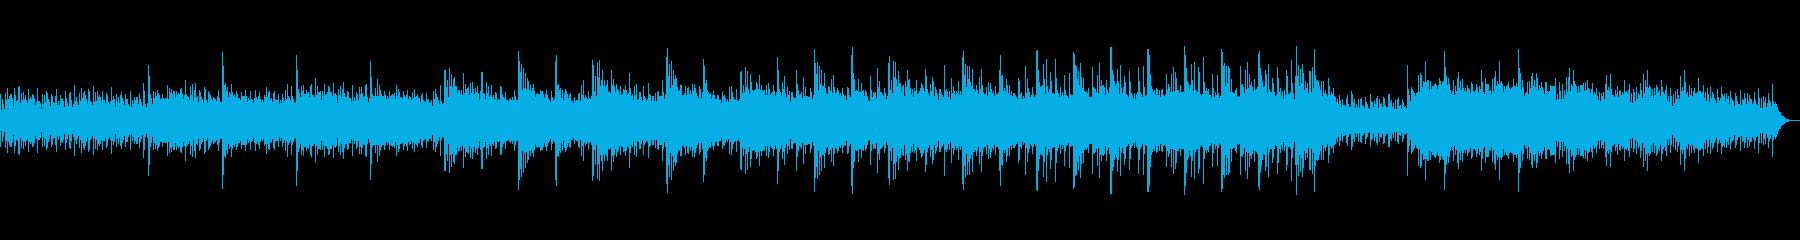 ピアノで癒されるヒーリングミュージックの再生済みの波形